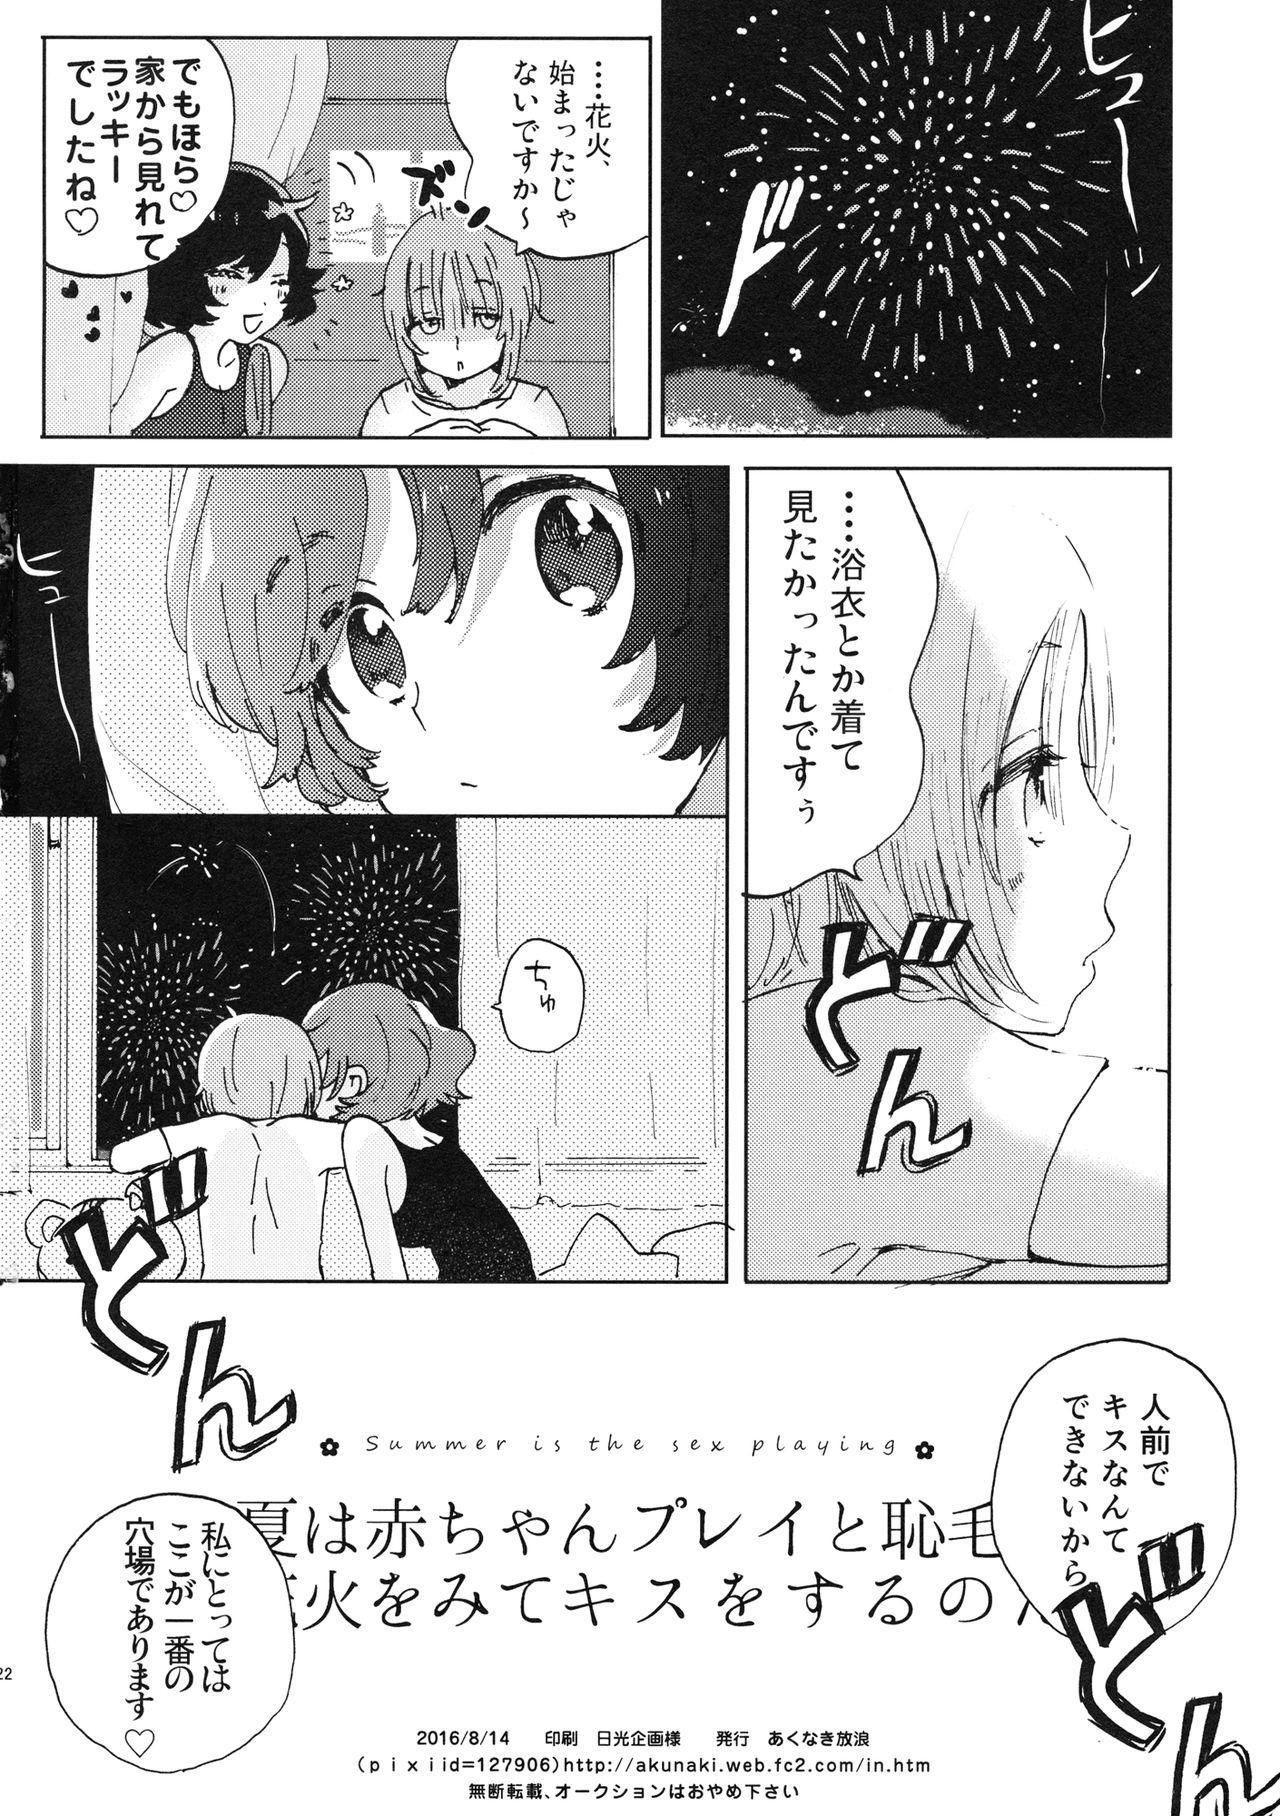 Natsu wa Aka-chan Play to Chimou to, Hanabi o Mite Kiss o Suru no da. 20